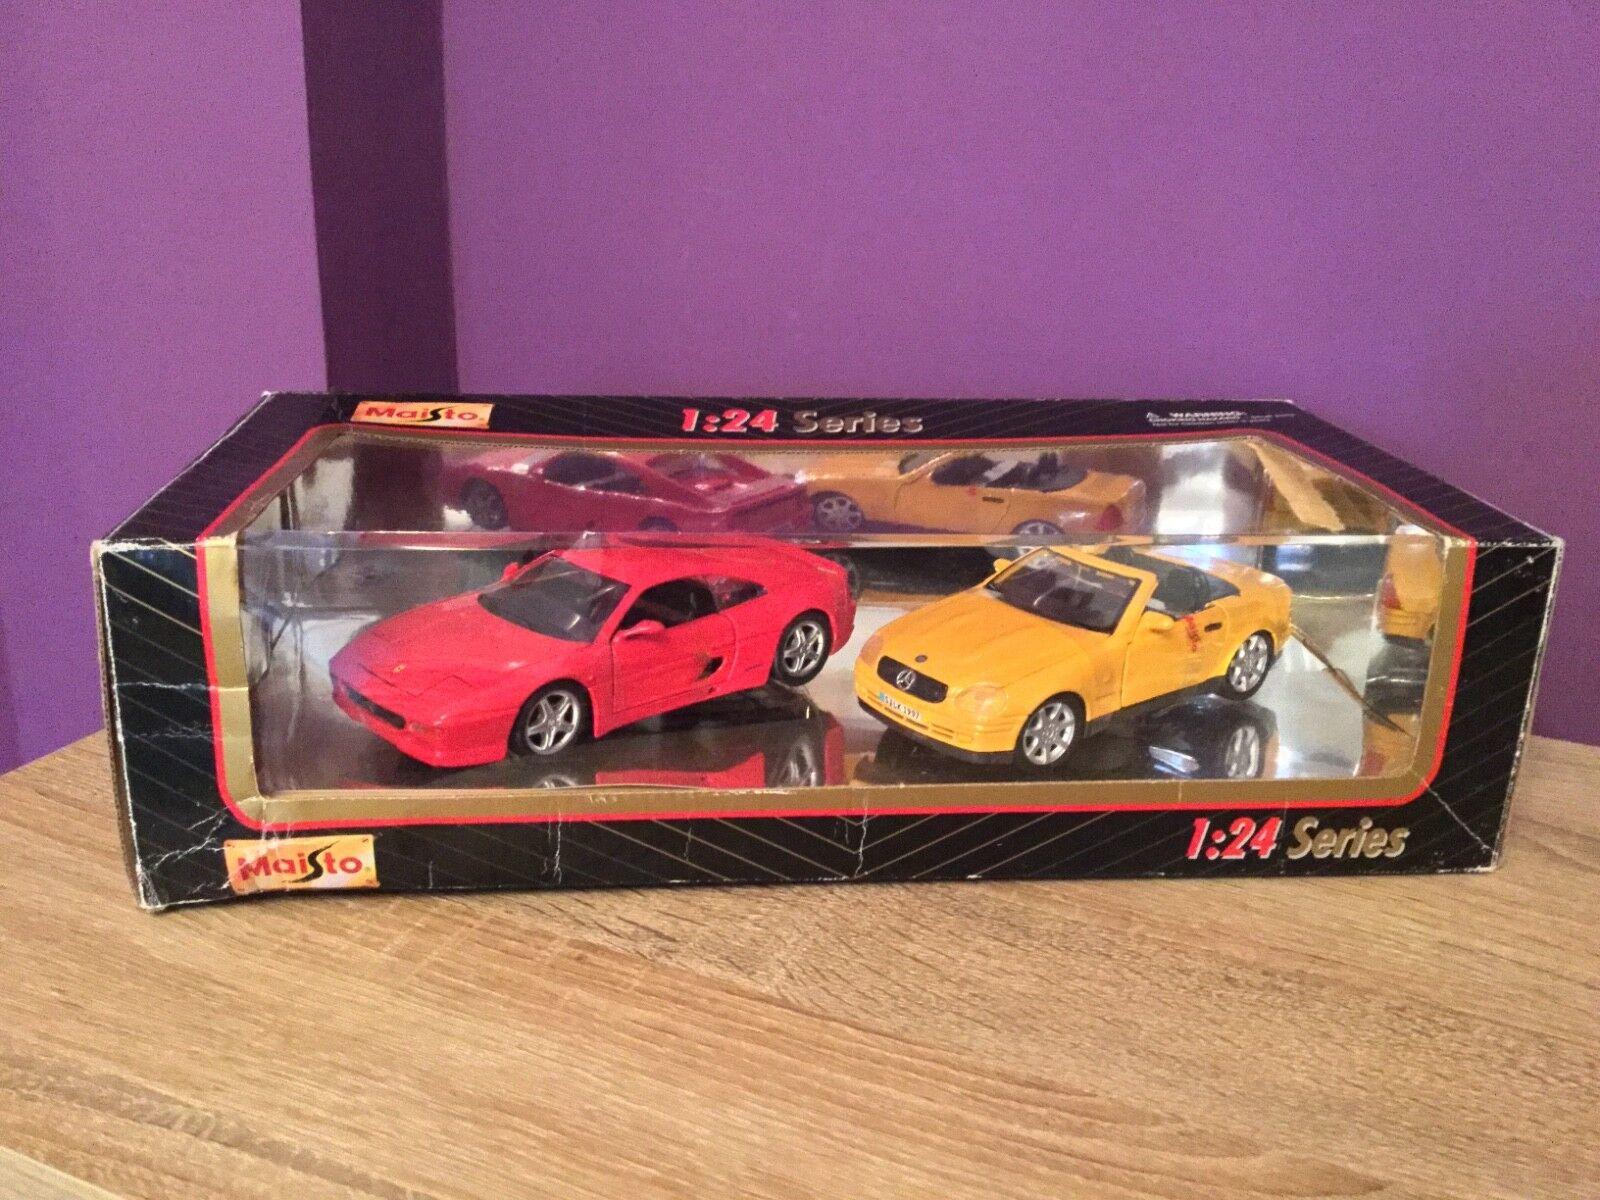 buen precio Maisto 1 24 Series Mercedes SLK 1997 1997 1997 y Ferrari F355 Coche Modelos. Coleccionable.  Todo en alta calidad y bajo precio.